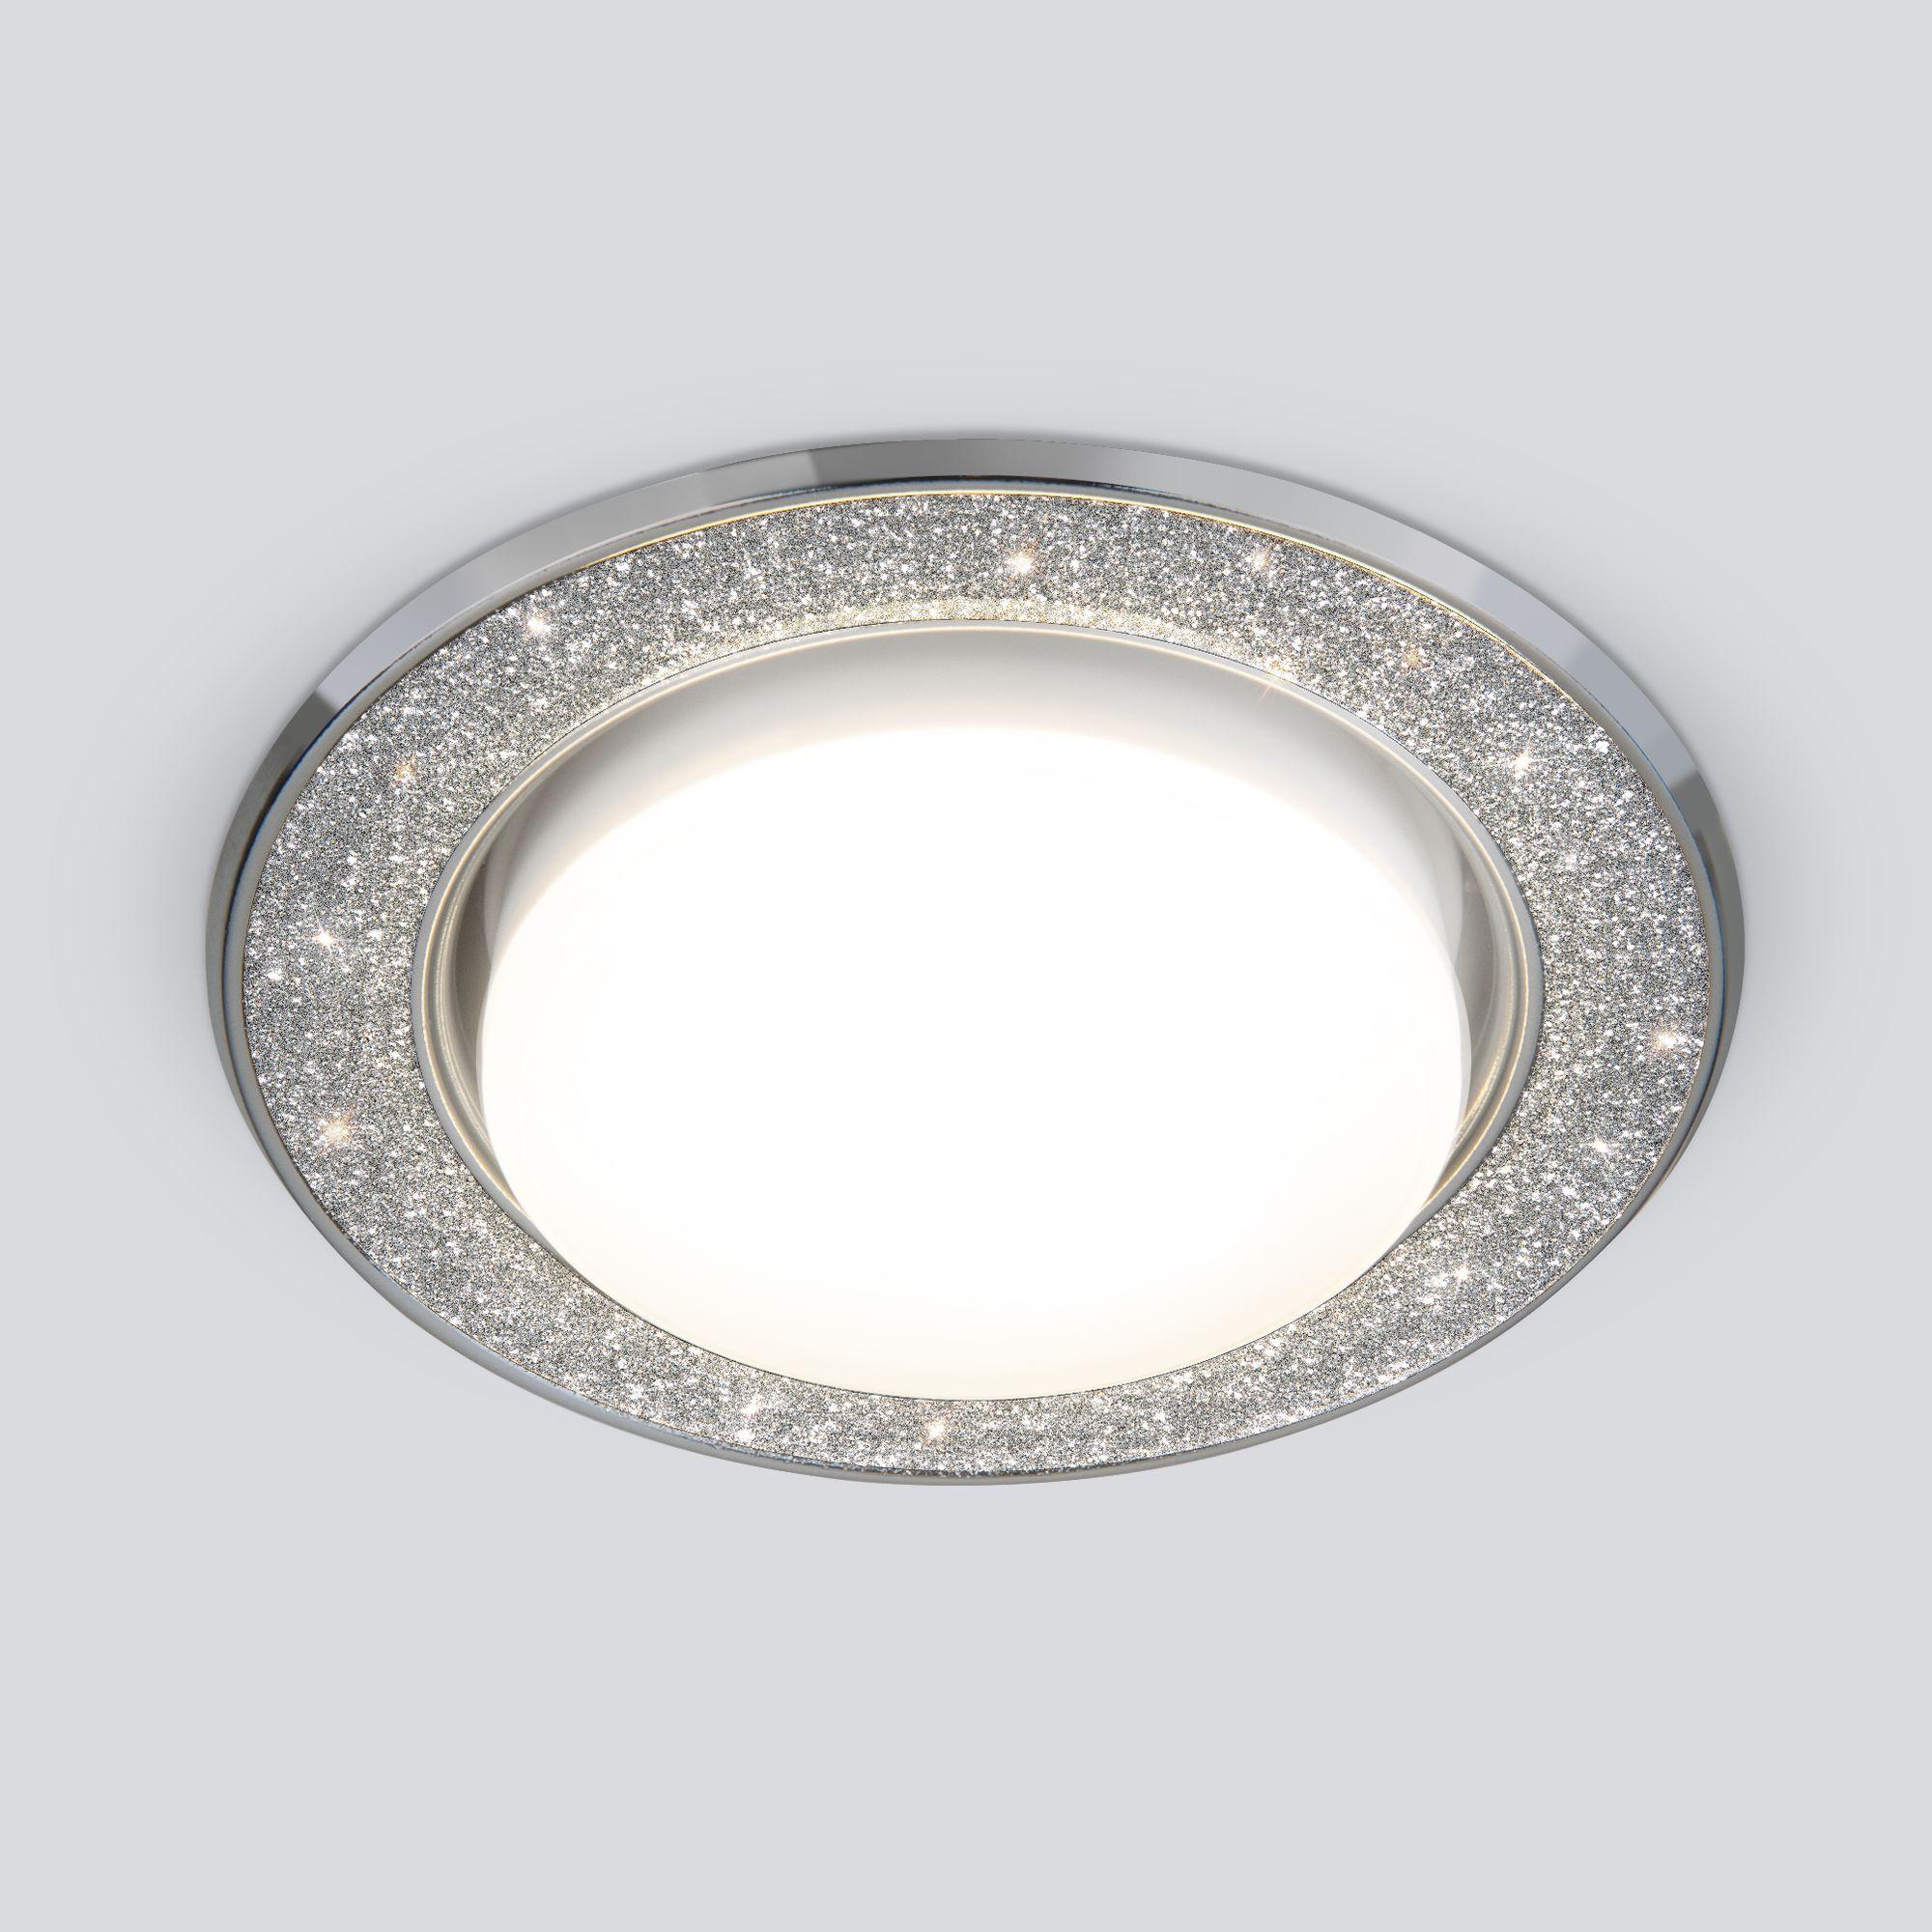 Точечный светильник 1072 GX53 SL/СН серебряный блеск/хром